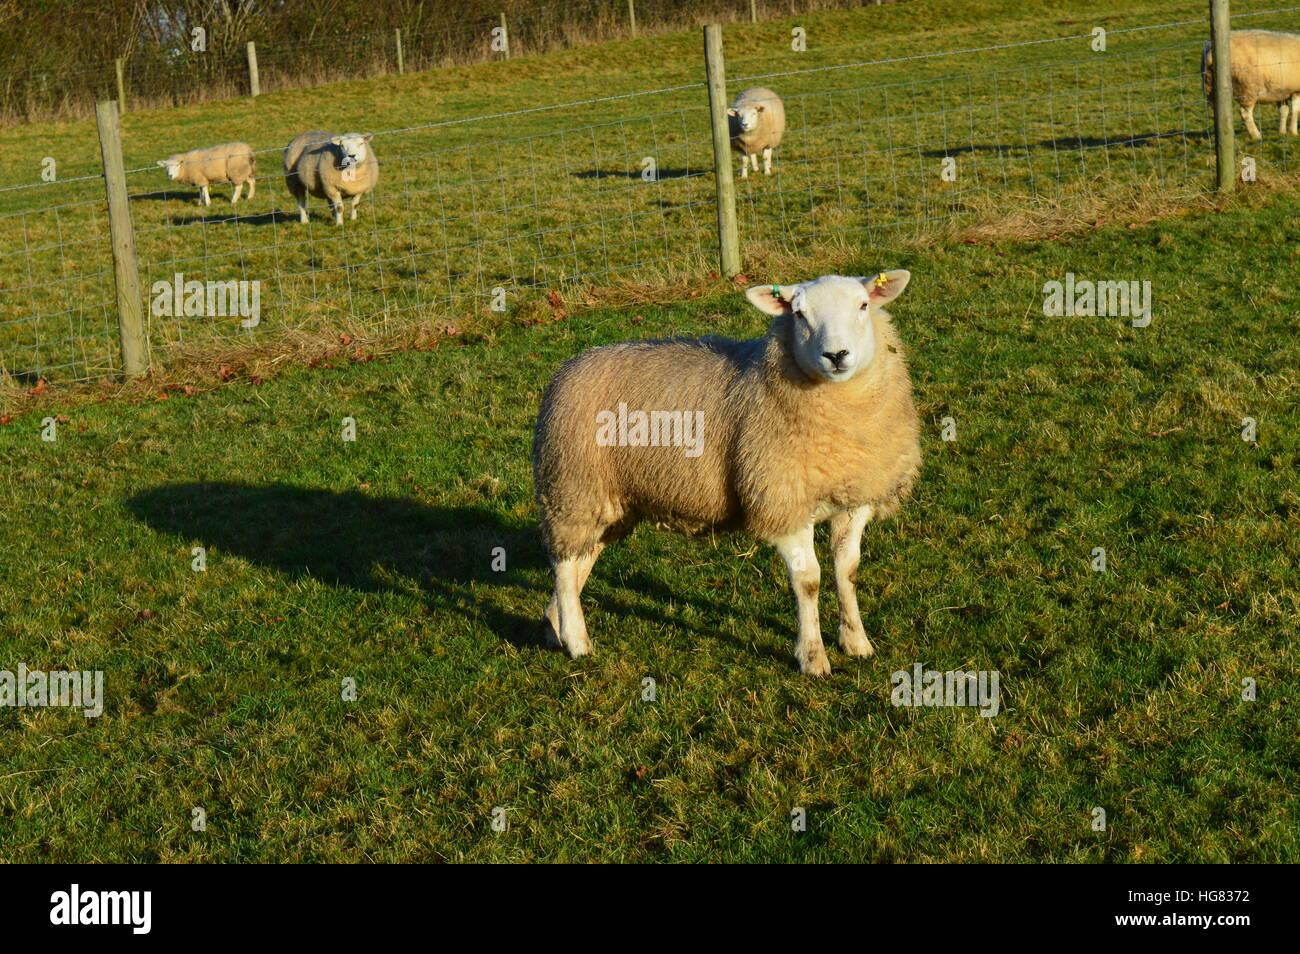 sheep landscape - Stock Image